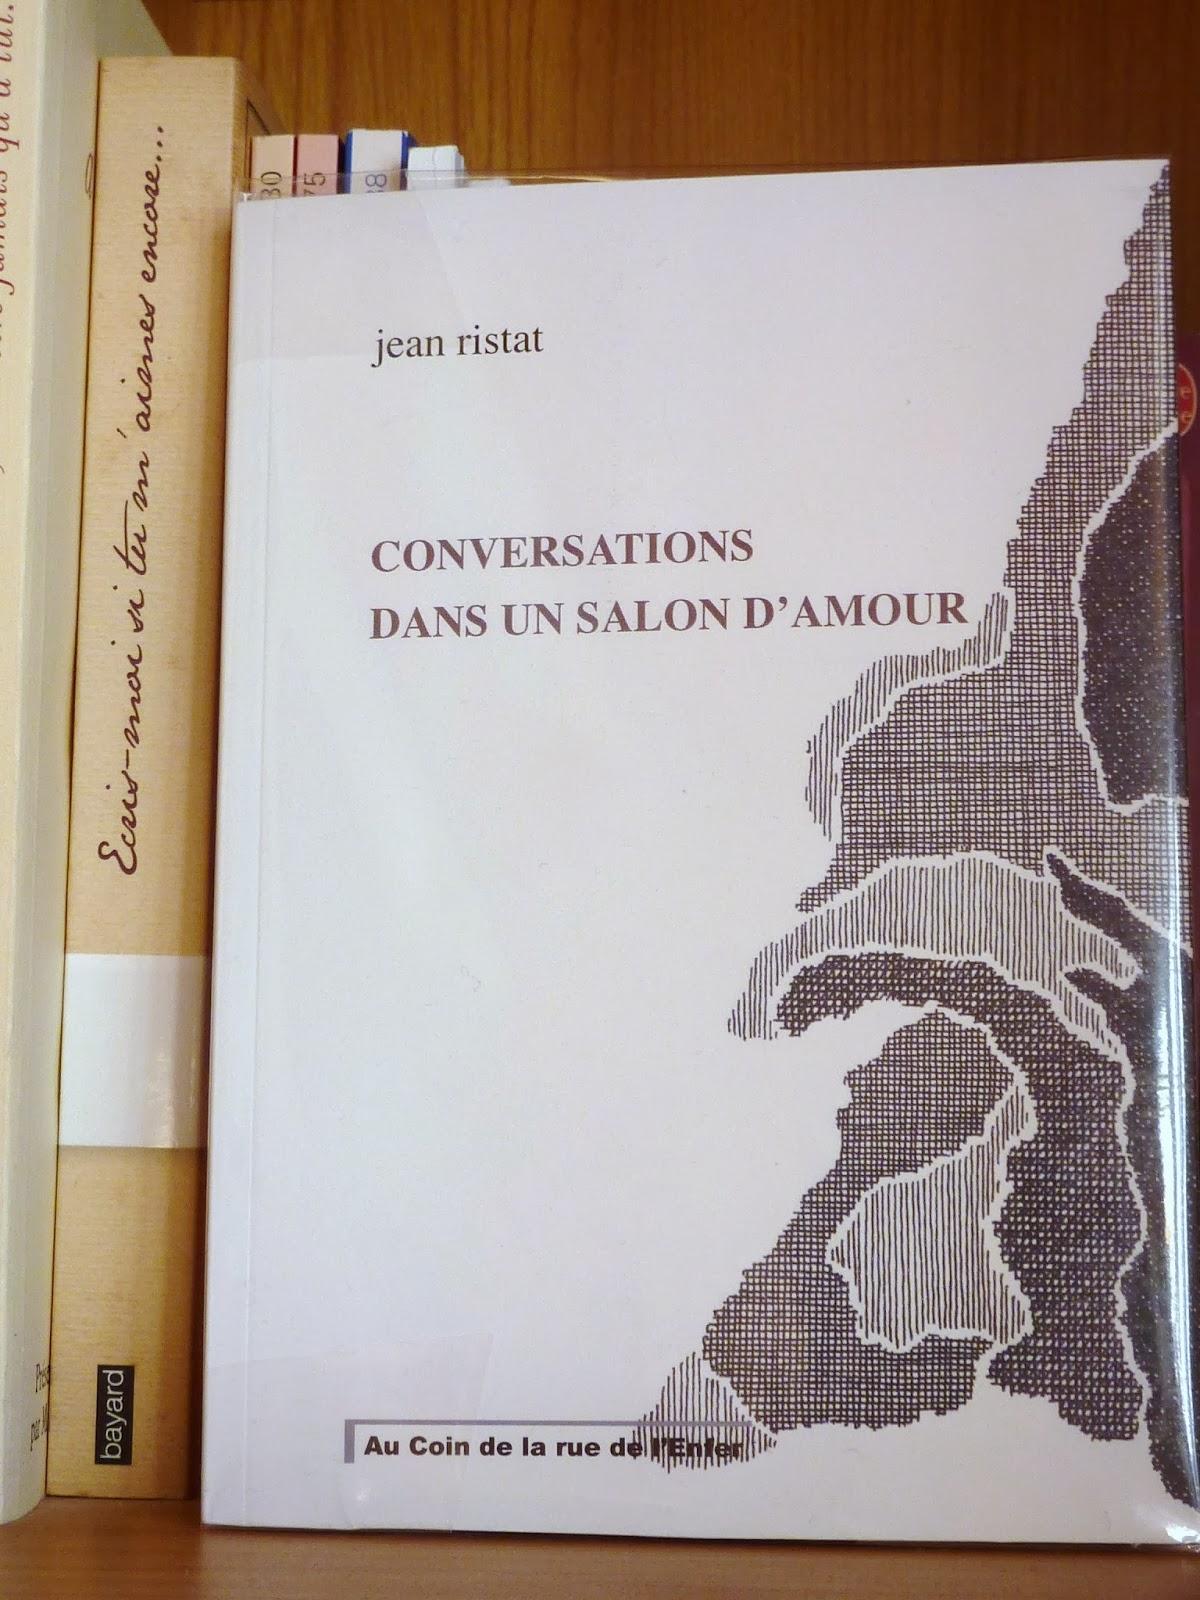 Conversations dans un salon d'amour - Jean Ristat